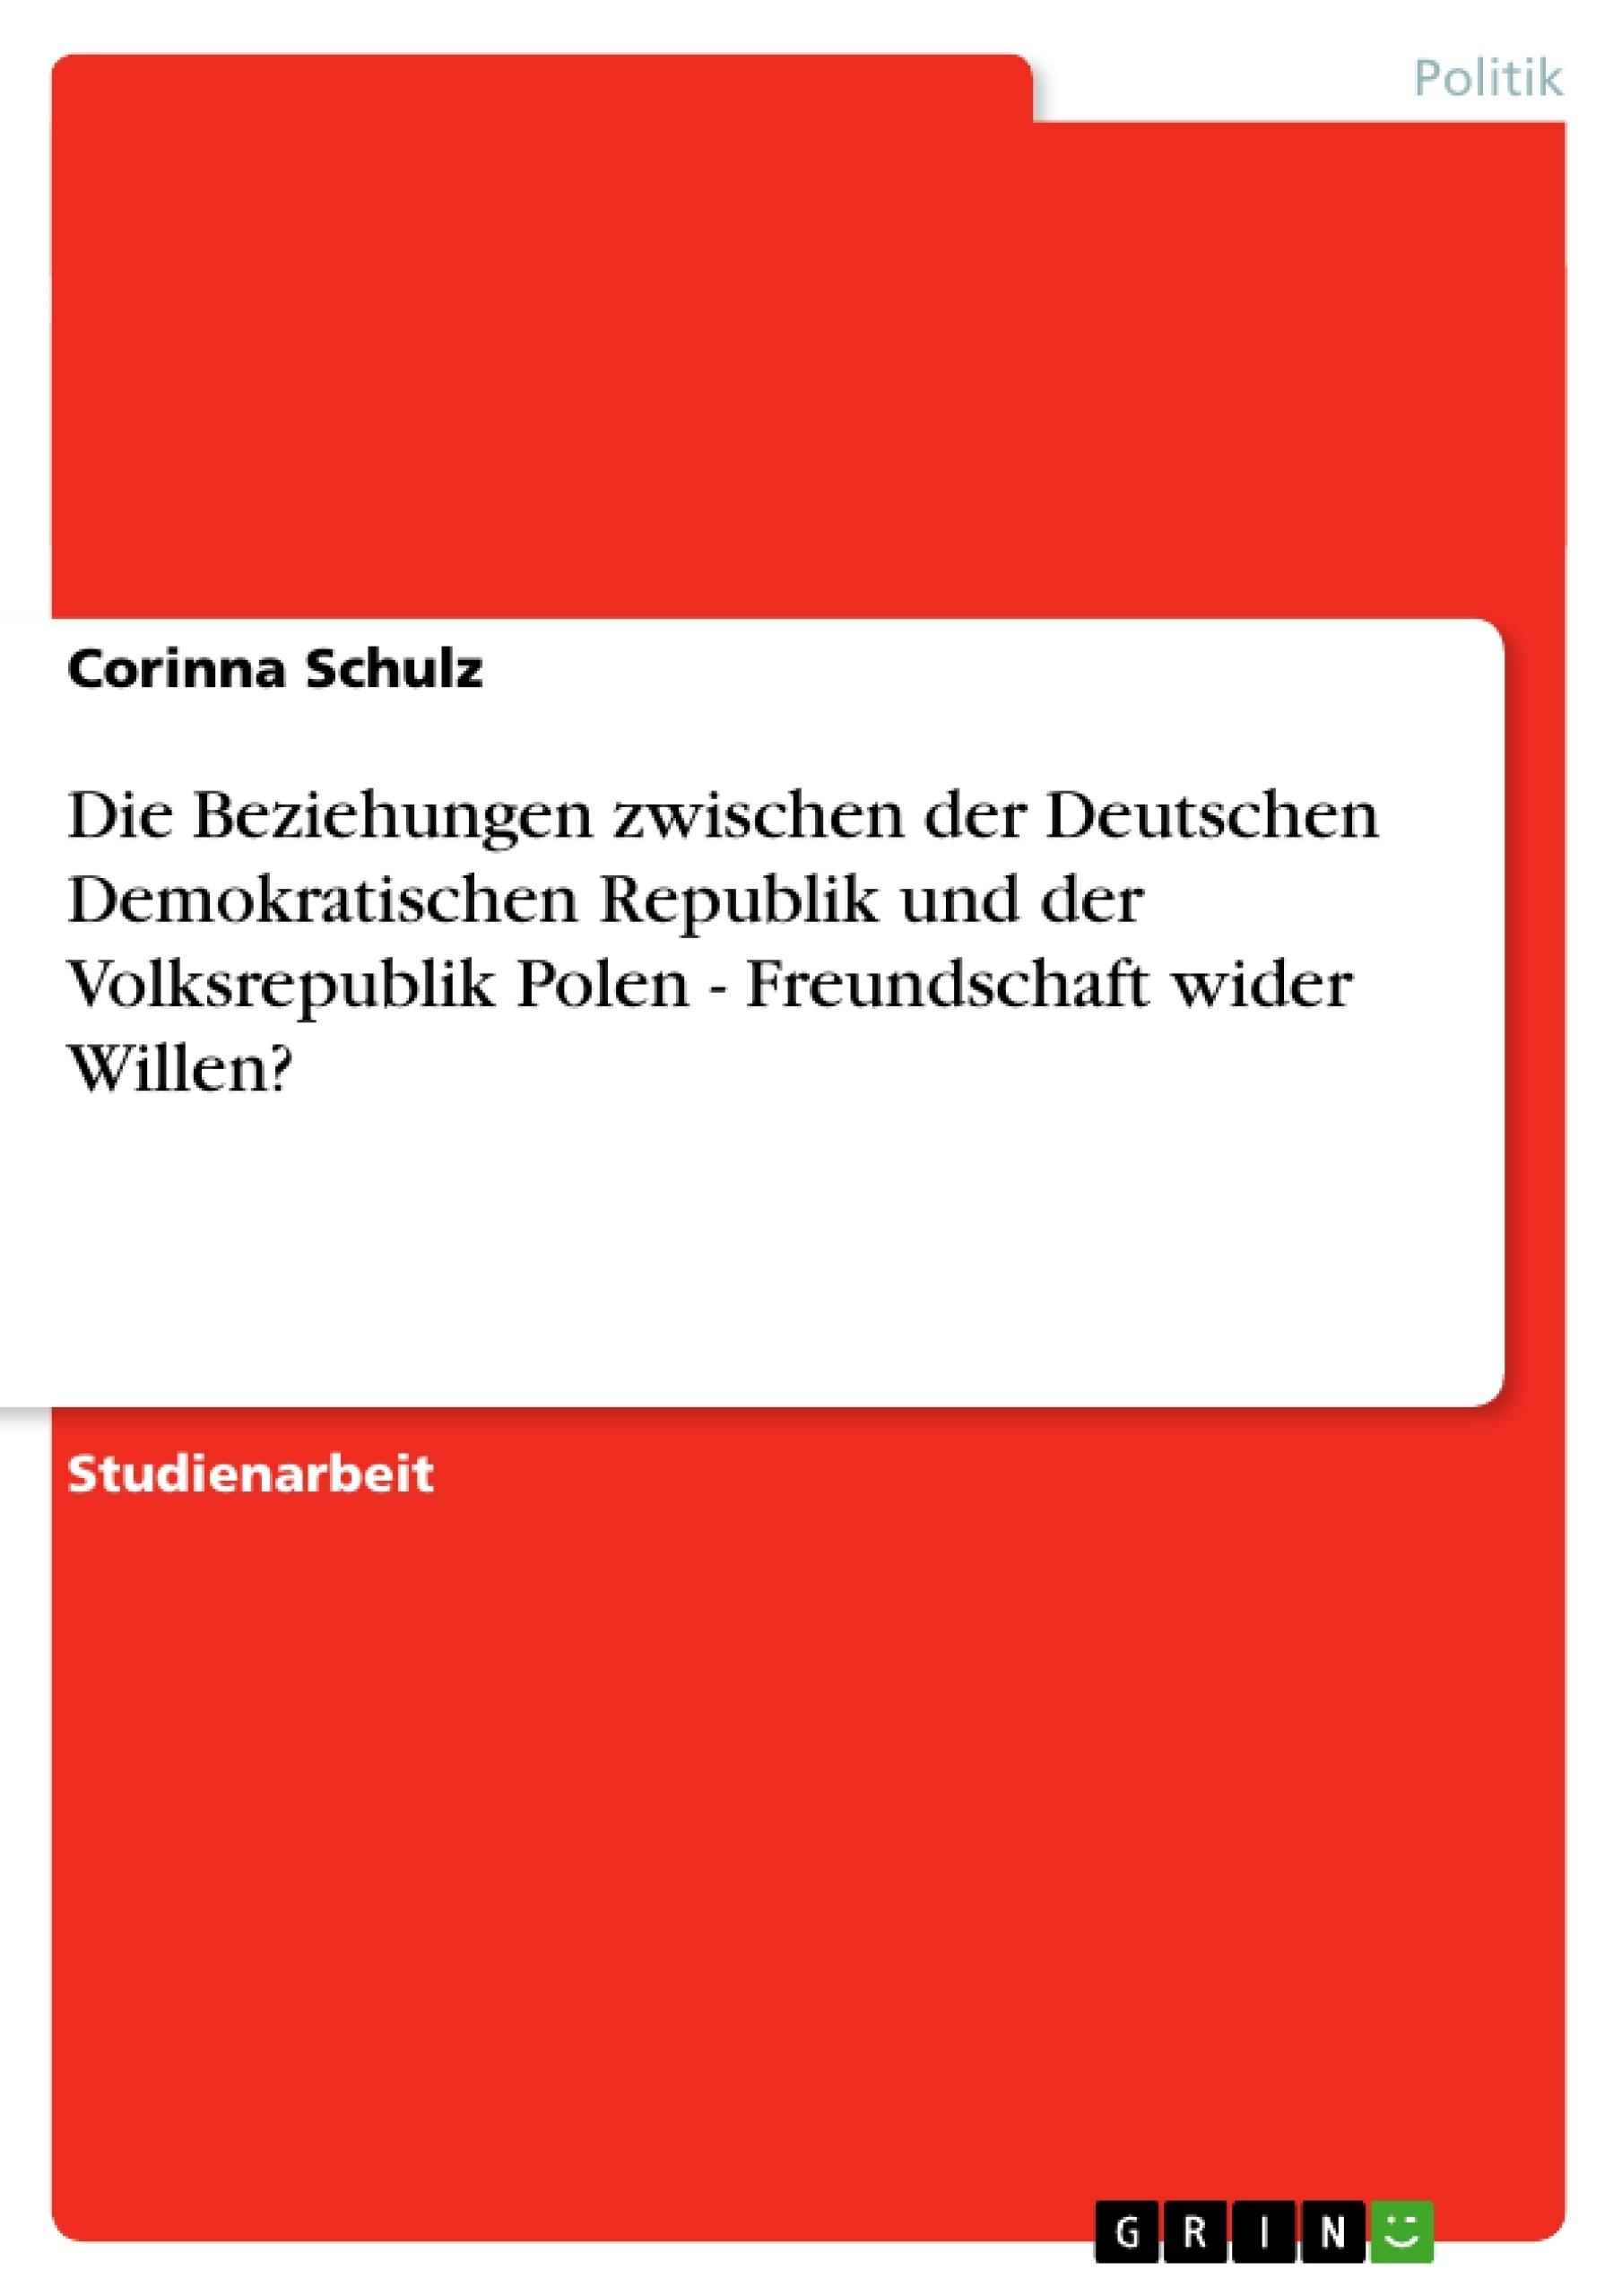 Titel: Die Beziehungen zwischen der Deutschen Demokratischen Republik und der Volksrepublik Polen - Freundschaft wider Willen?